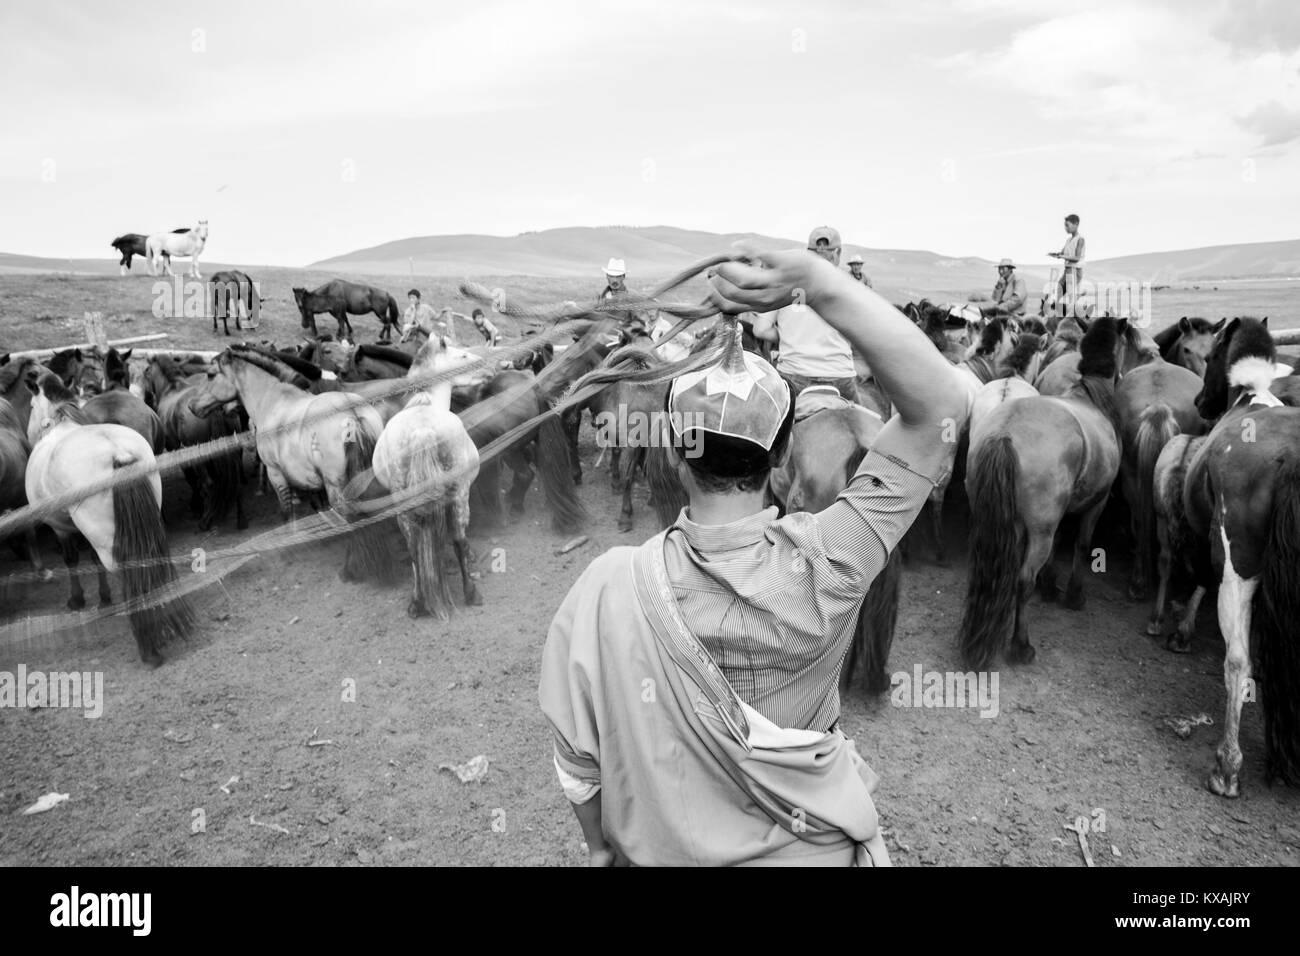 Mongol horseman lassoing horse, Bunkhan, Mongolia - Stock Image